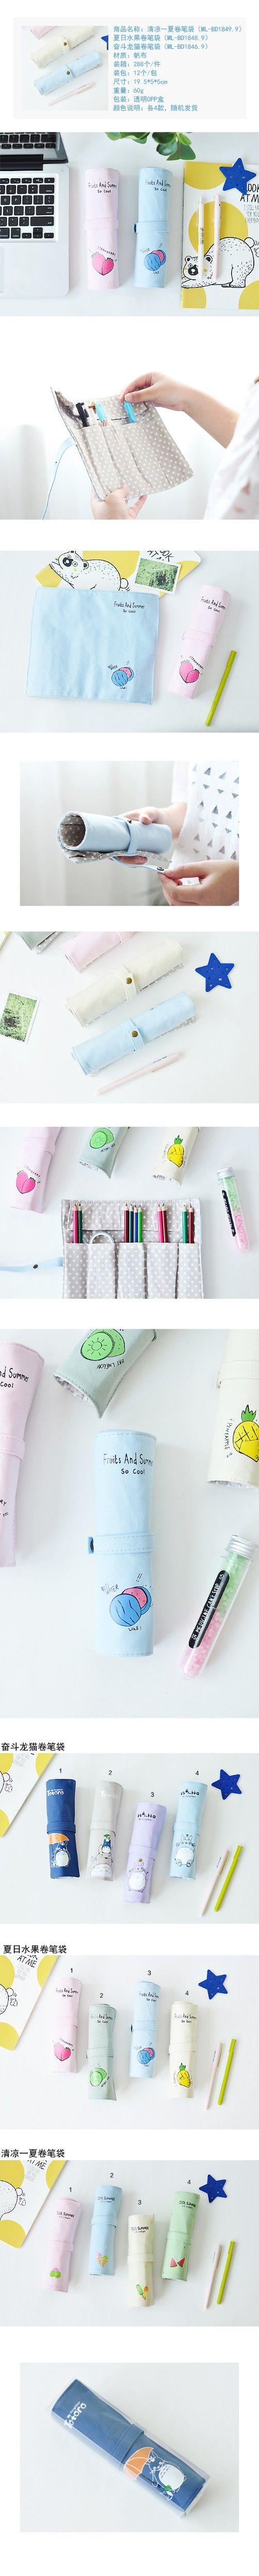 315,46 руб. / шт. Письменные принадлежности > Пеналы и сумки > Пеналы для карандашей Aliexpress